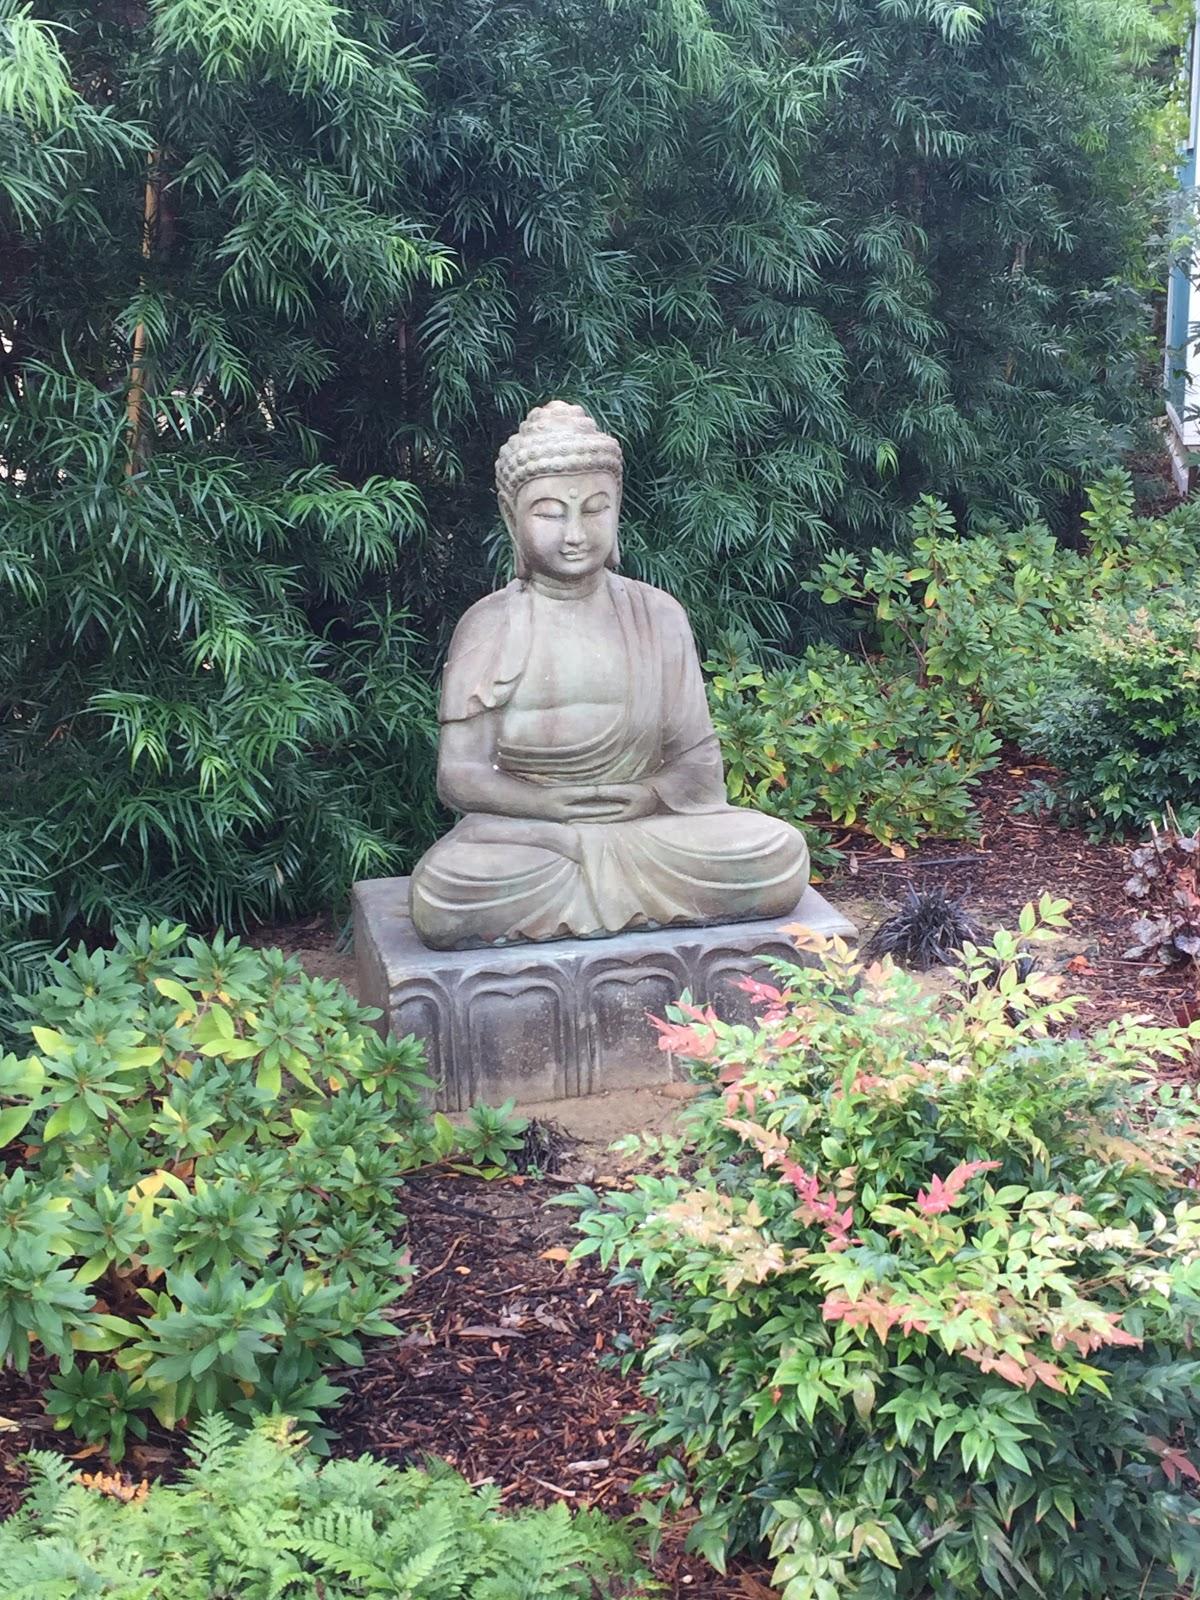 Buddha Statue in Garden.jpg